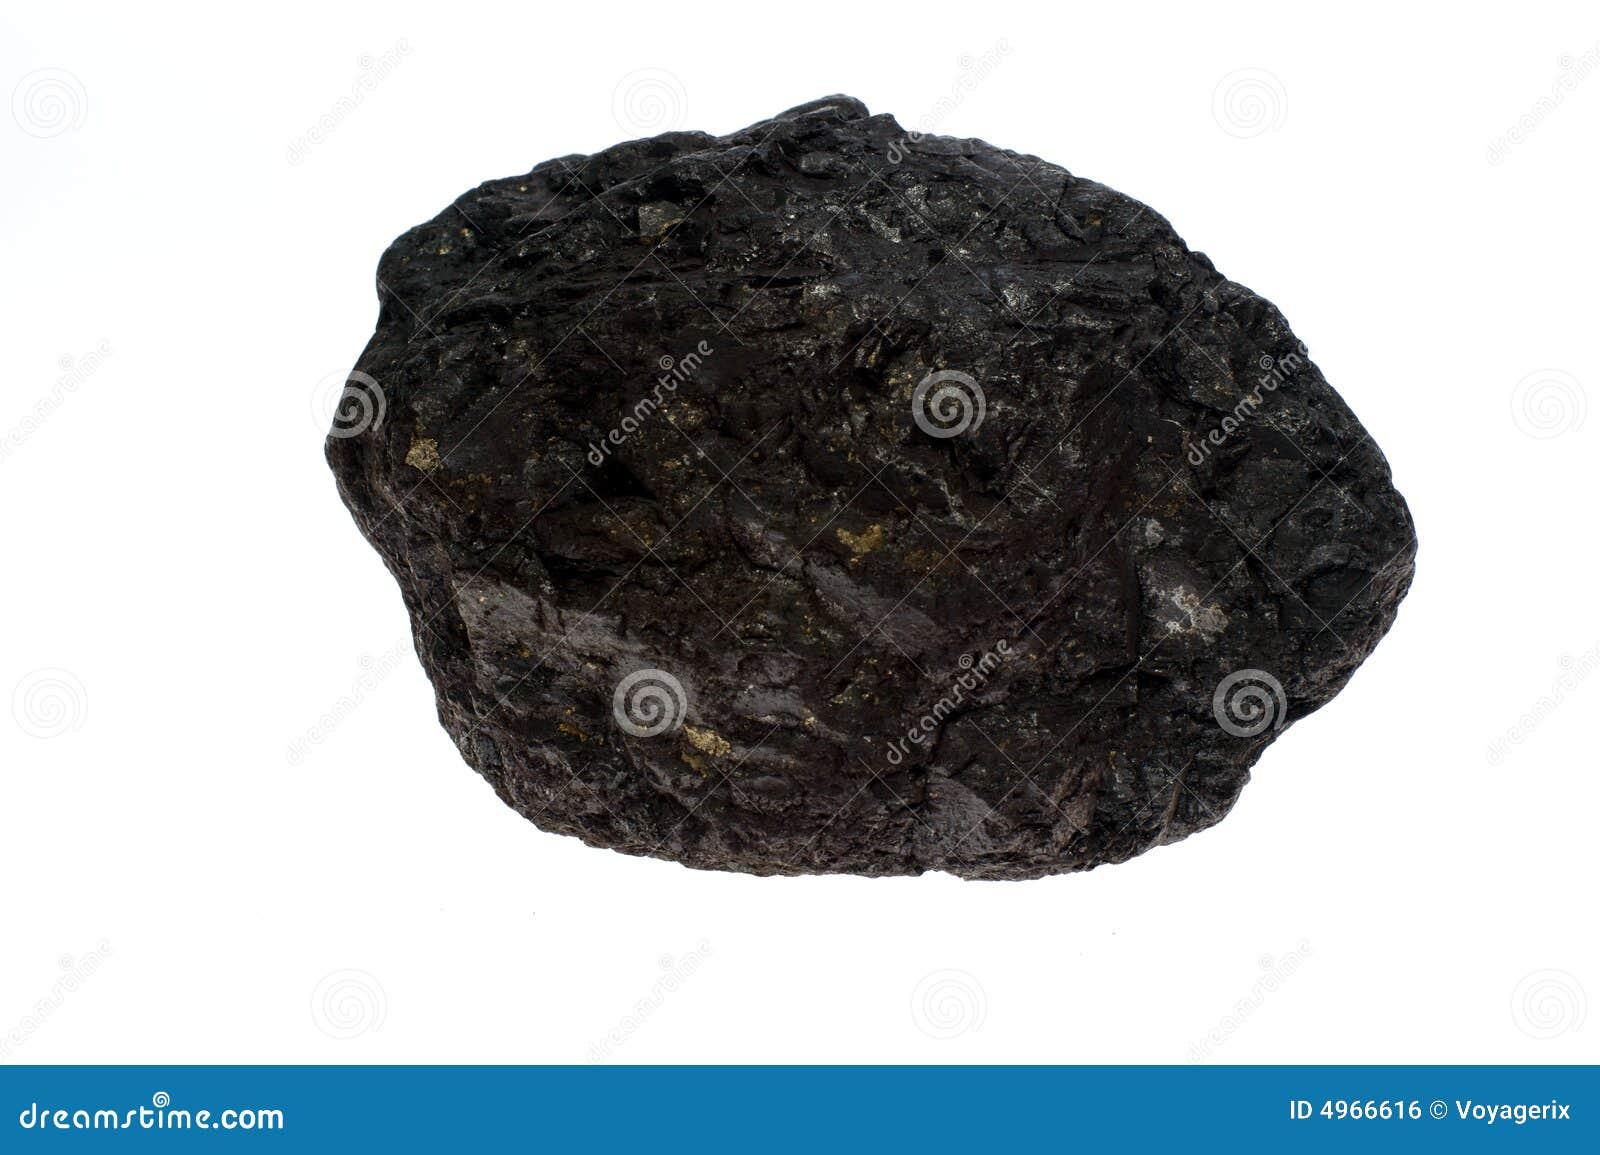 Lump of coal photo Dalhousie Tourism Dalhousie Tourist Places Dalhousie